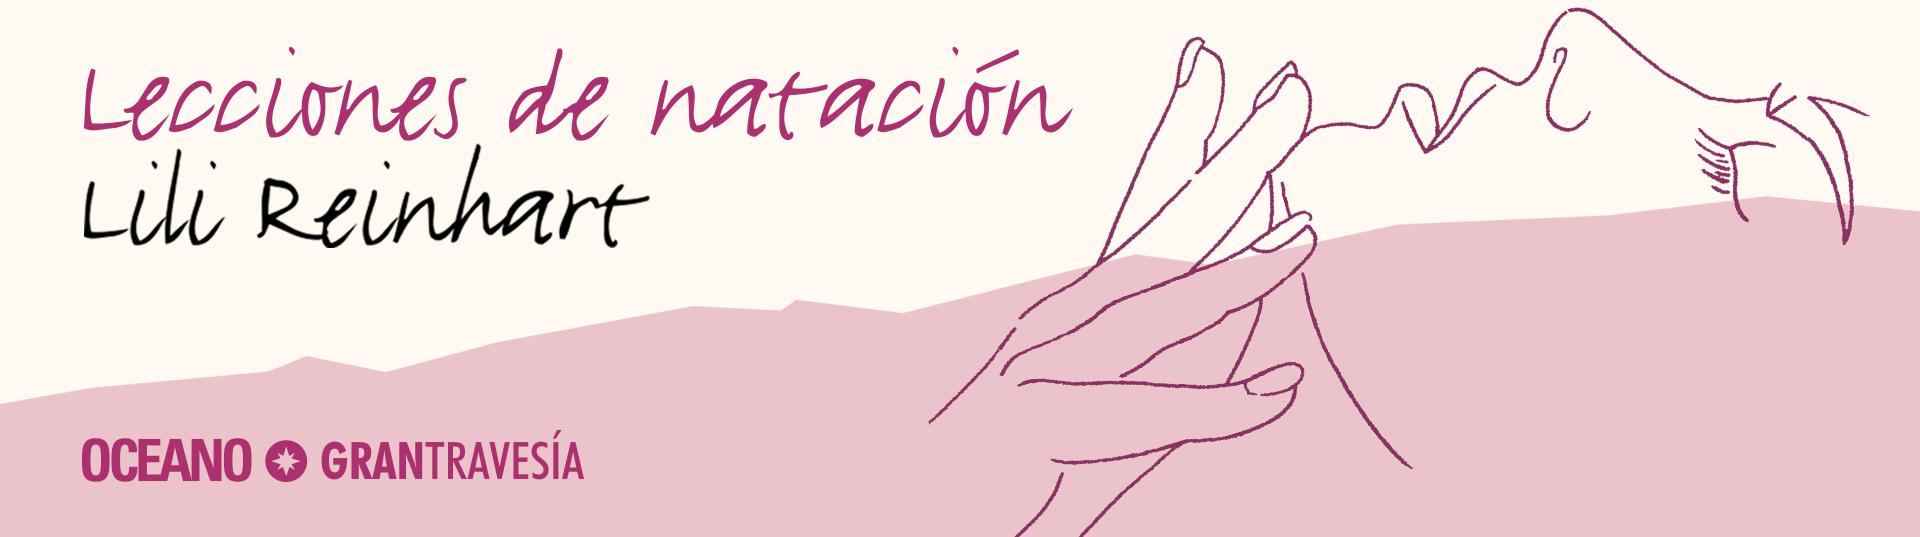 Blog_LeccionesNatacion